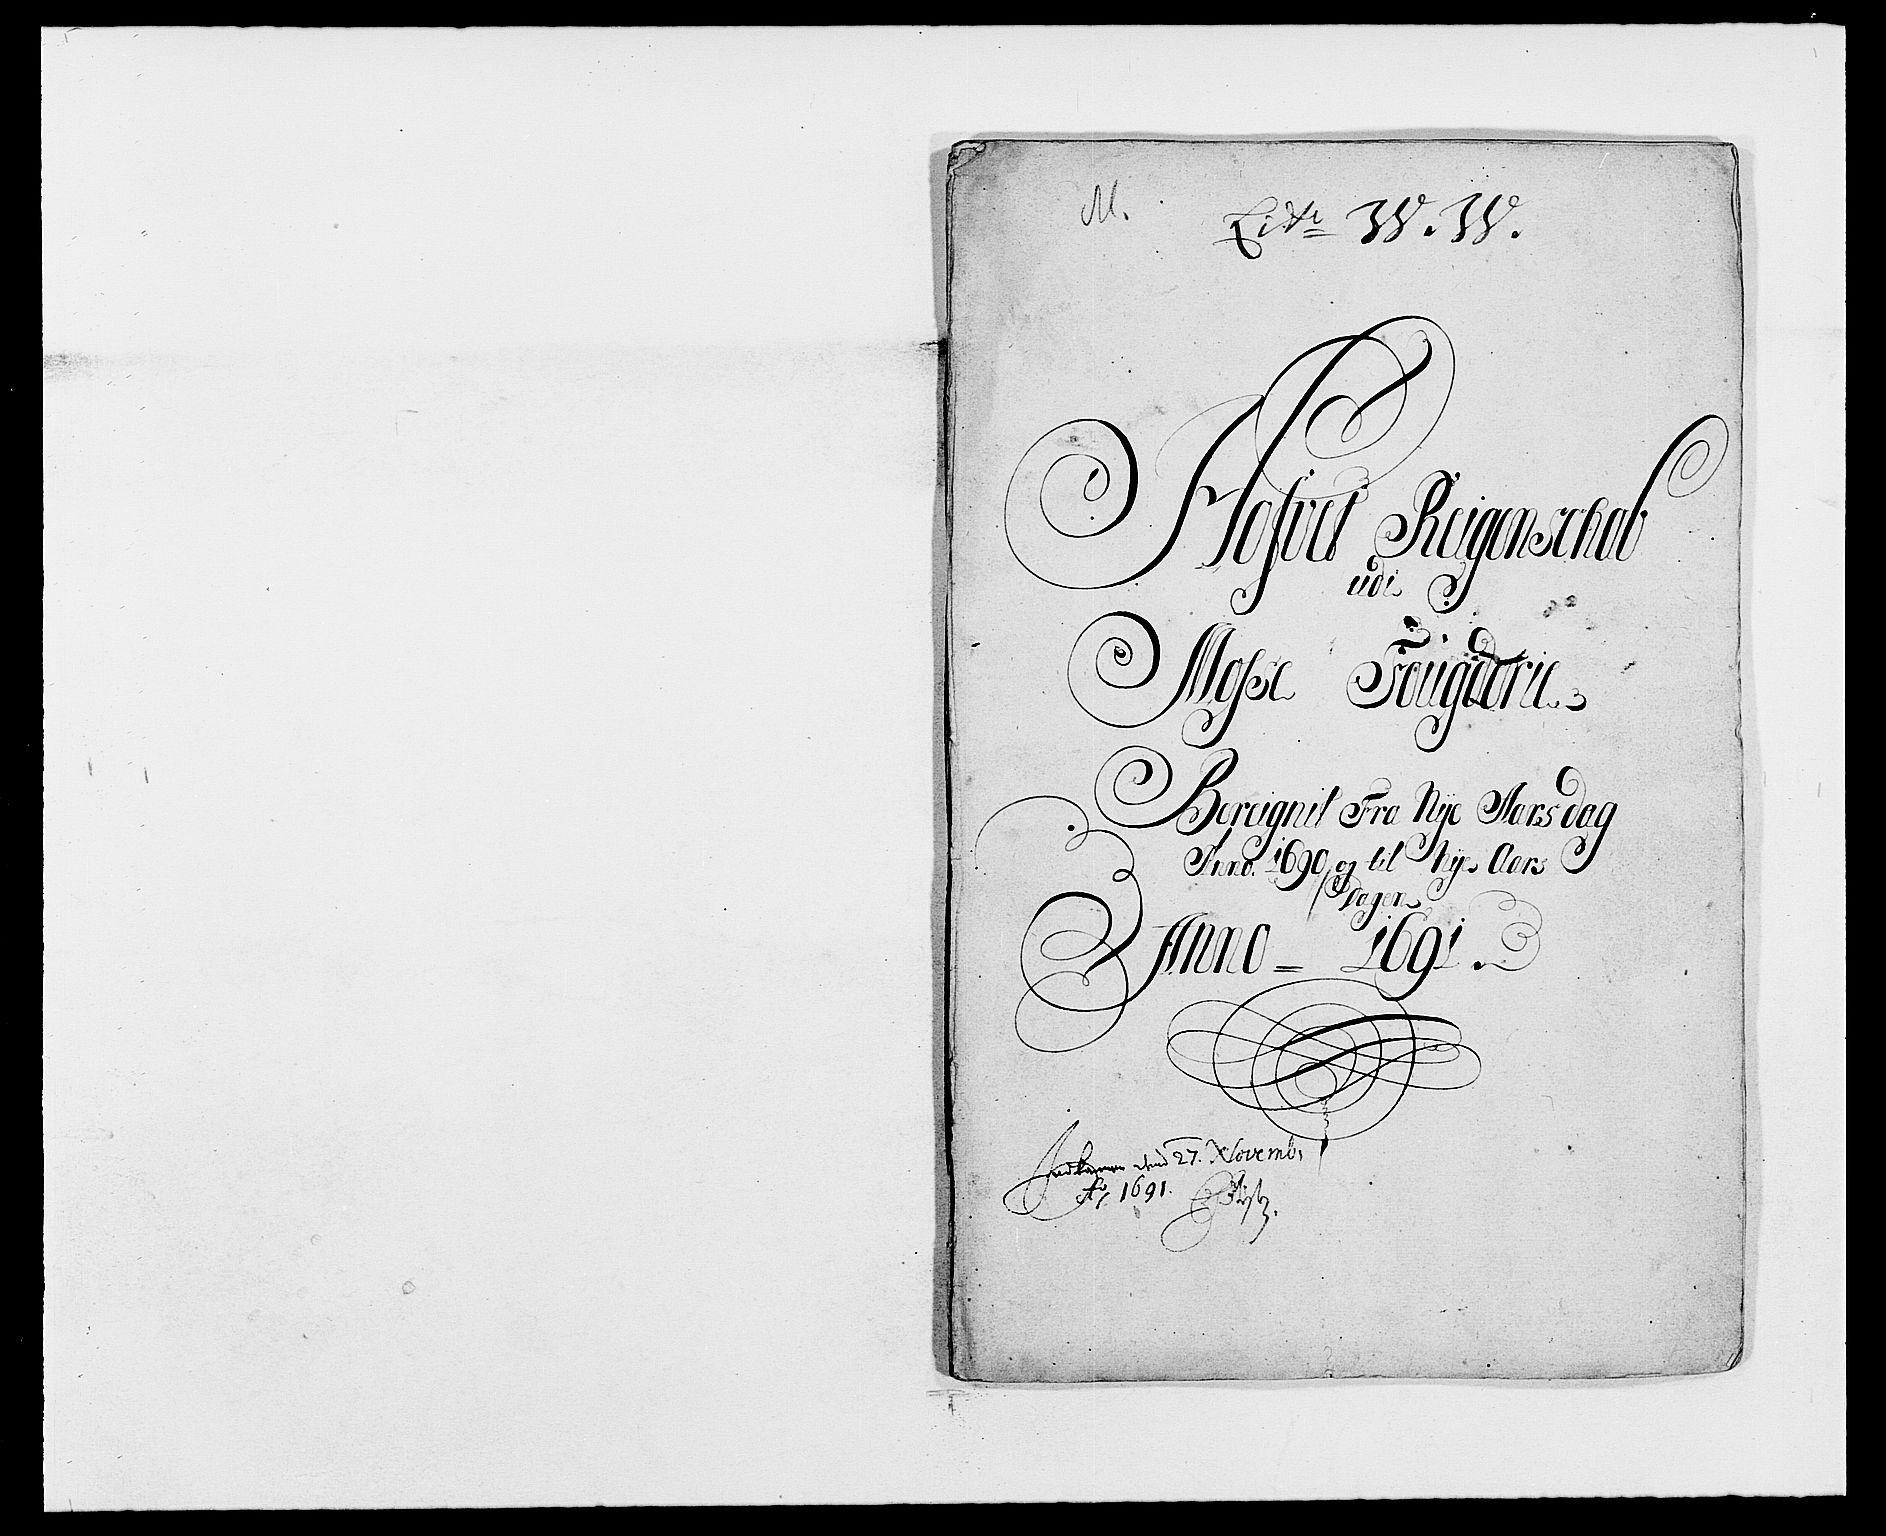 RA, Rentekammeret inntil 1814, Reviderte regnskaper, Fogderegnskap, R02/L0106: Fogderegnskap Moss og Verne kloster, 1688-1691, s. 273